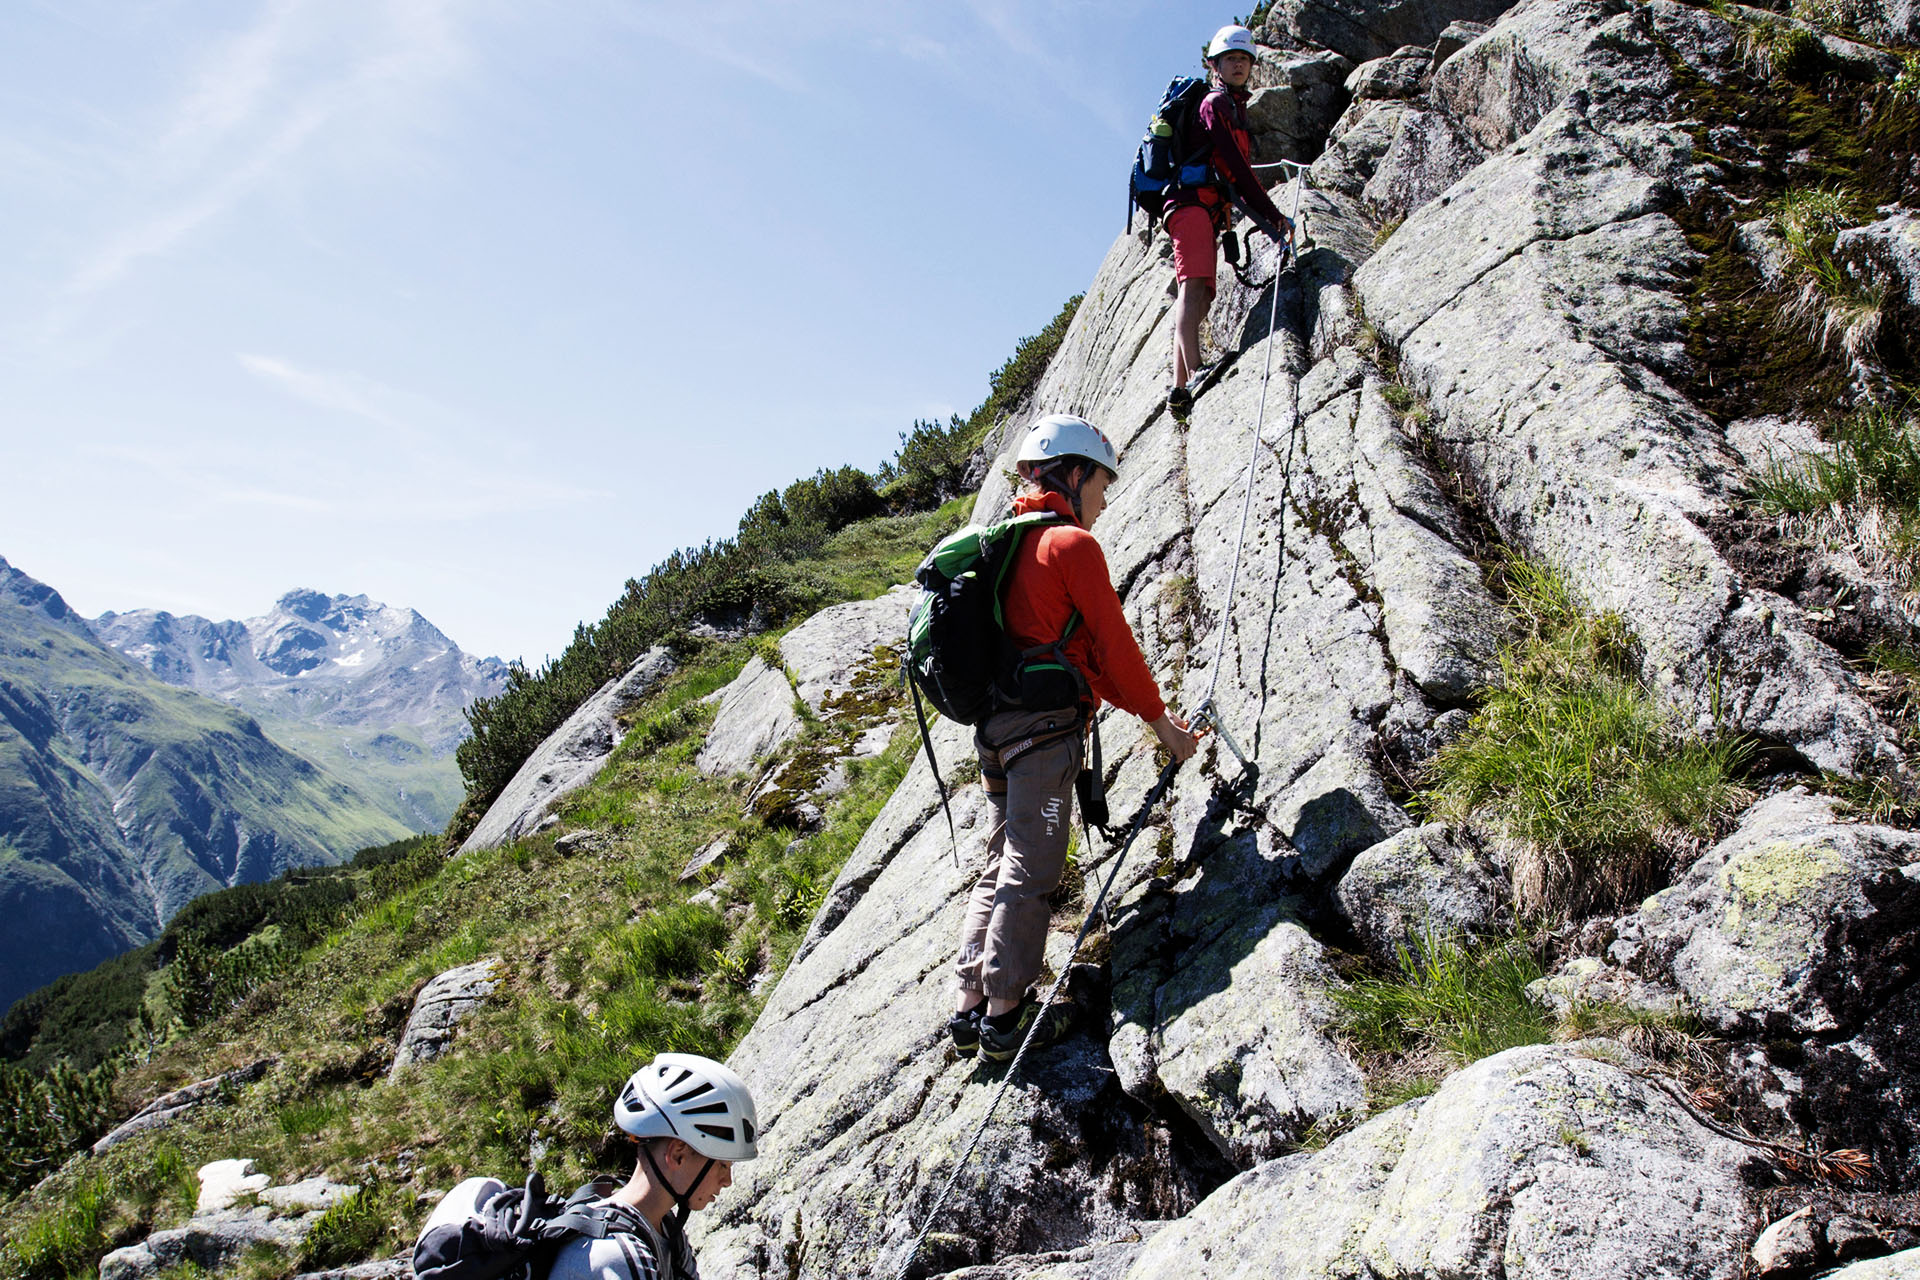 Klettersteig Für Anfänger : Neuer familien klettersteig in galtür prime elements